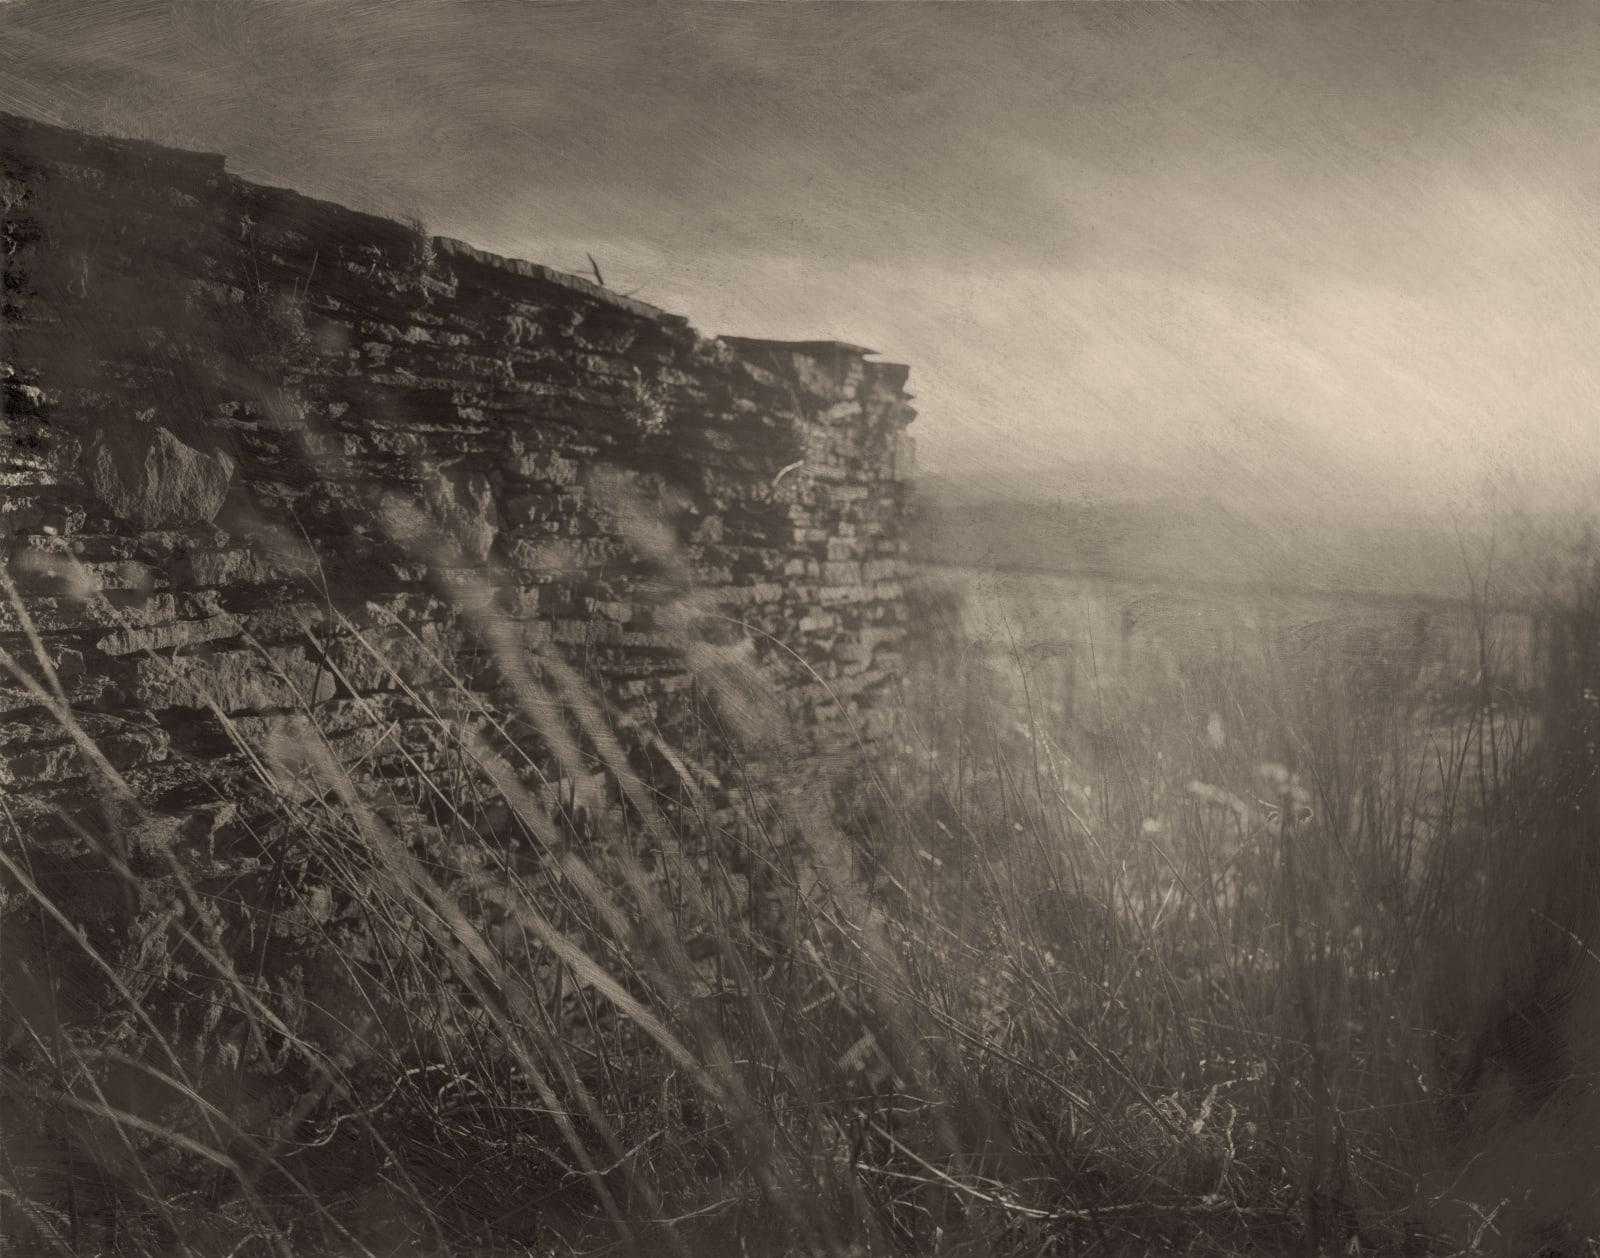 Steve Macleod, Sunrise the light, 1992-2005